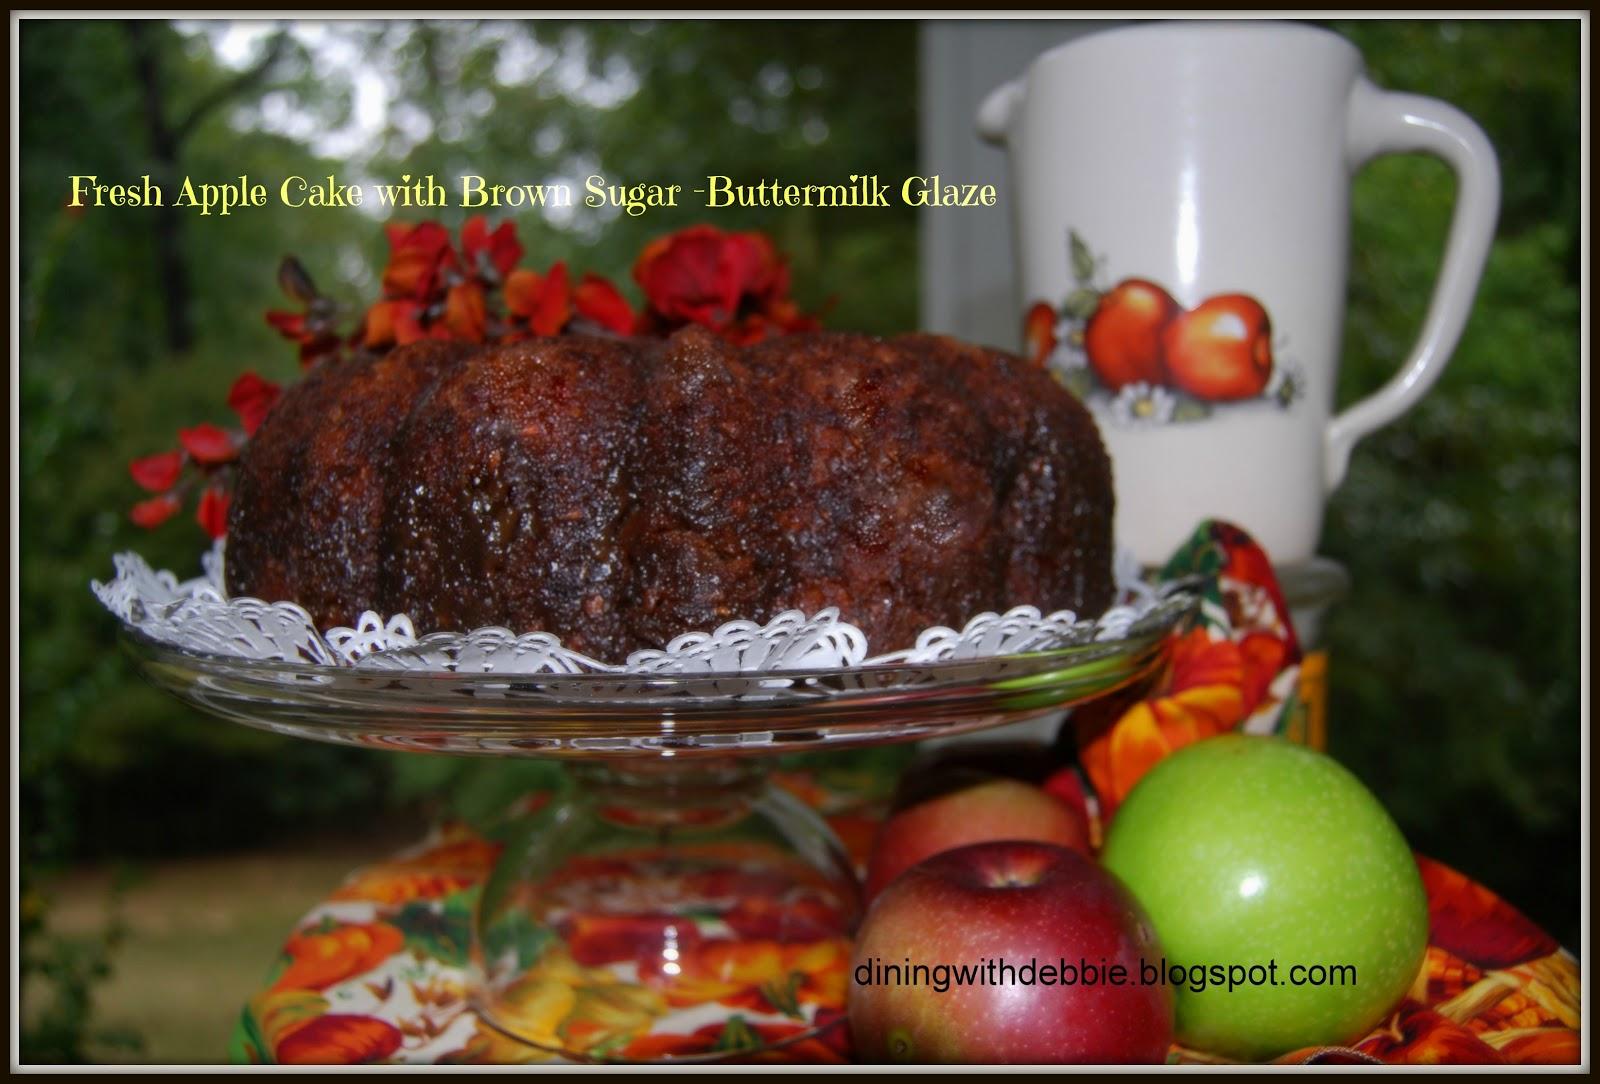 Fresh Apple Cake with Brown Sugar Buttermilk Glaze